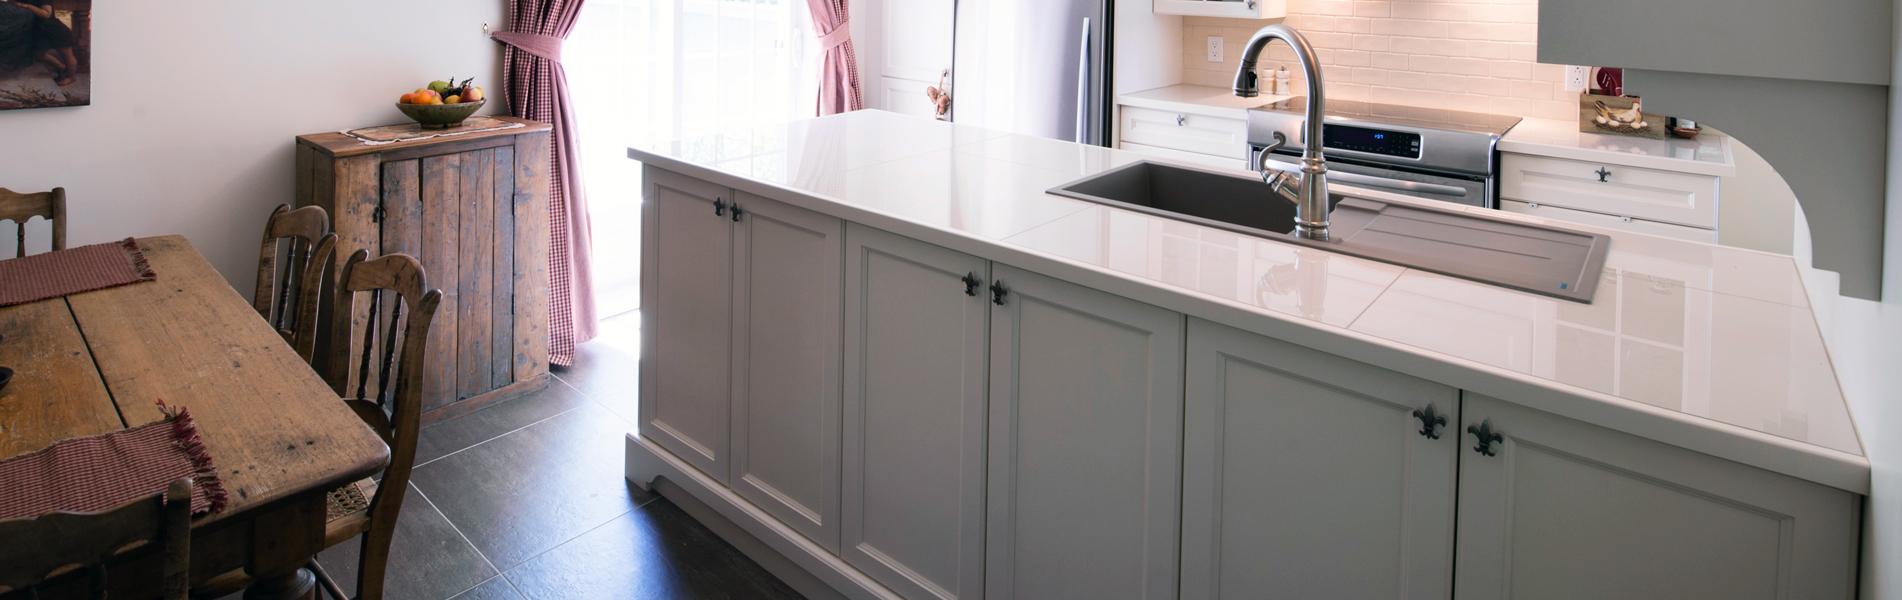 Cr ations folie bois armoires de cuisine en polyester for Armoire de cuisine en polyester